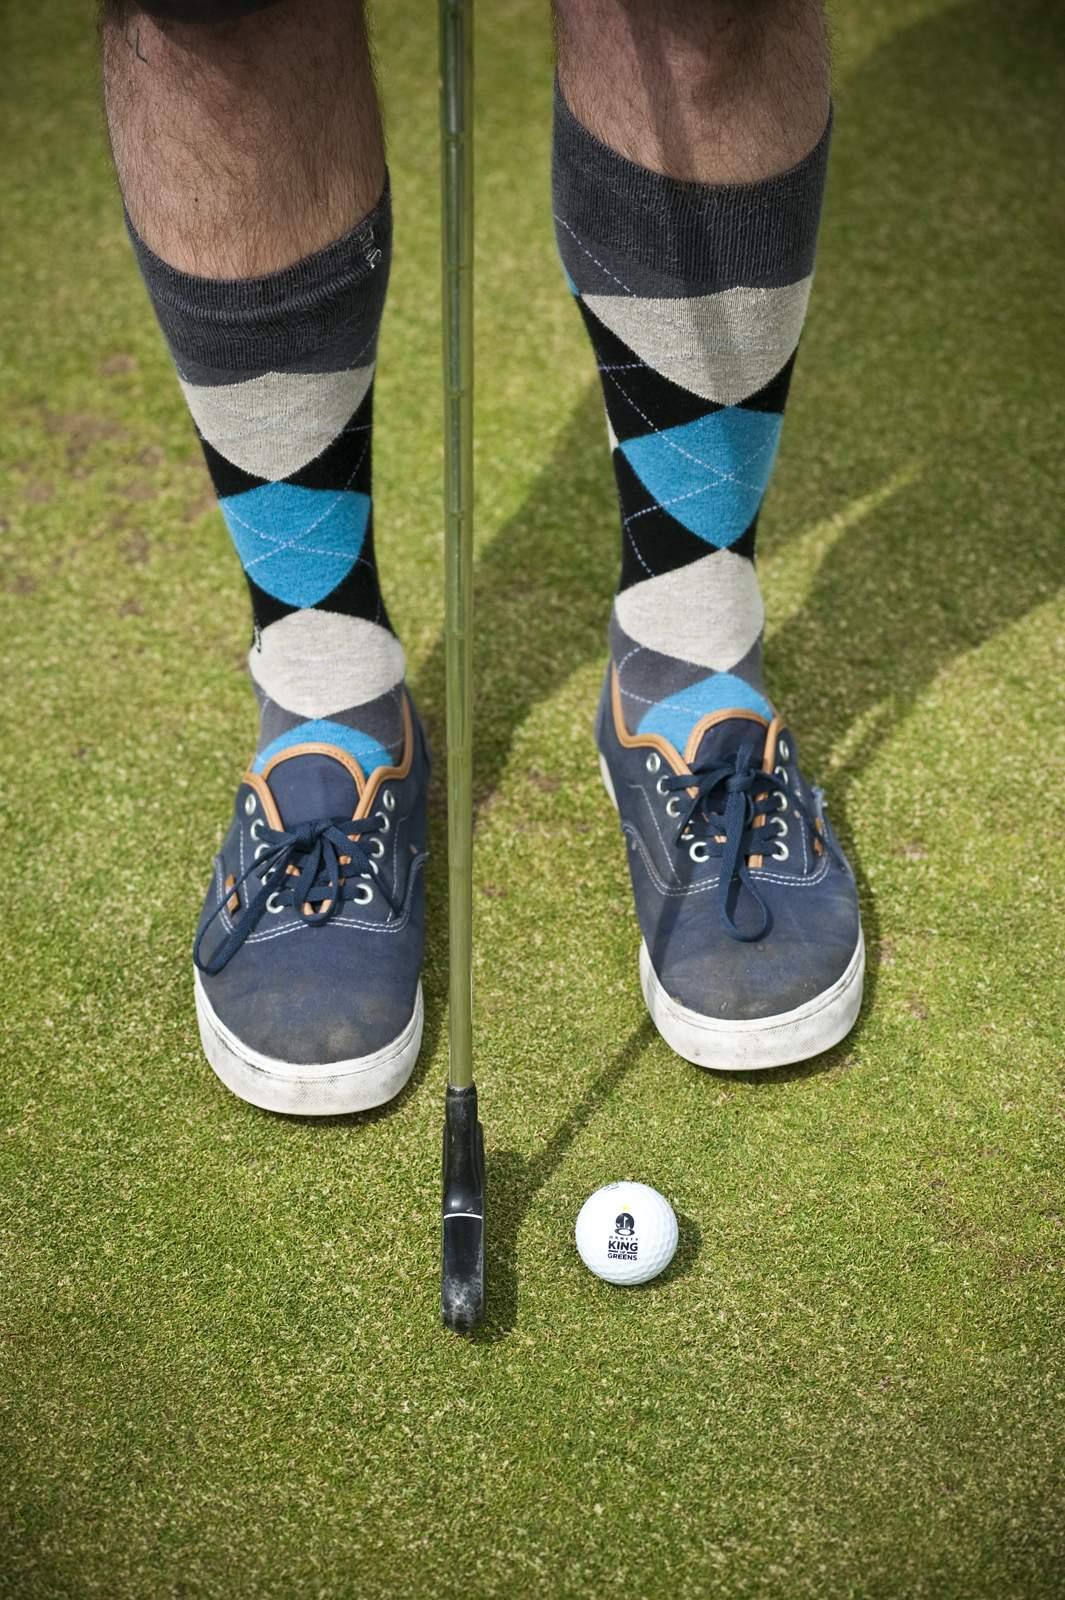 Oakley_King_of_Greens_2014_socks